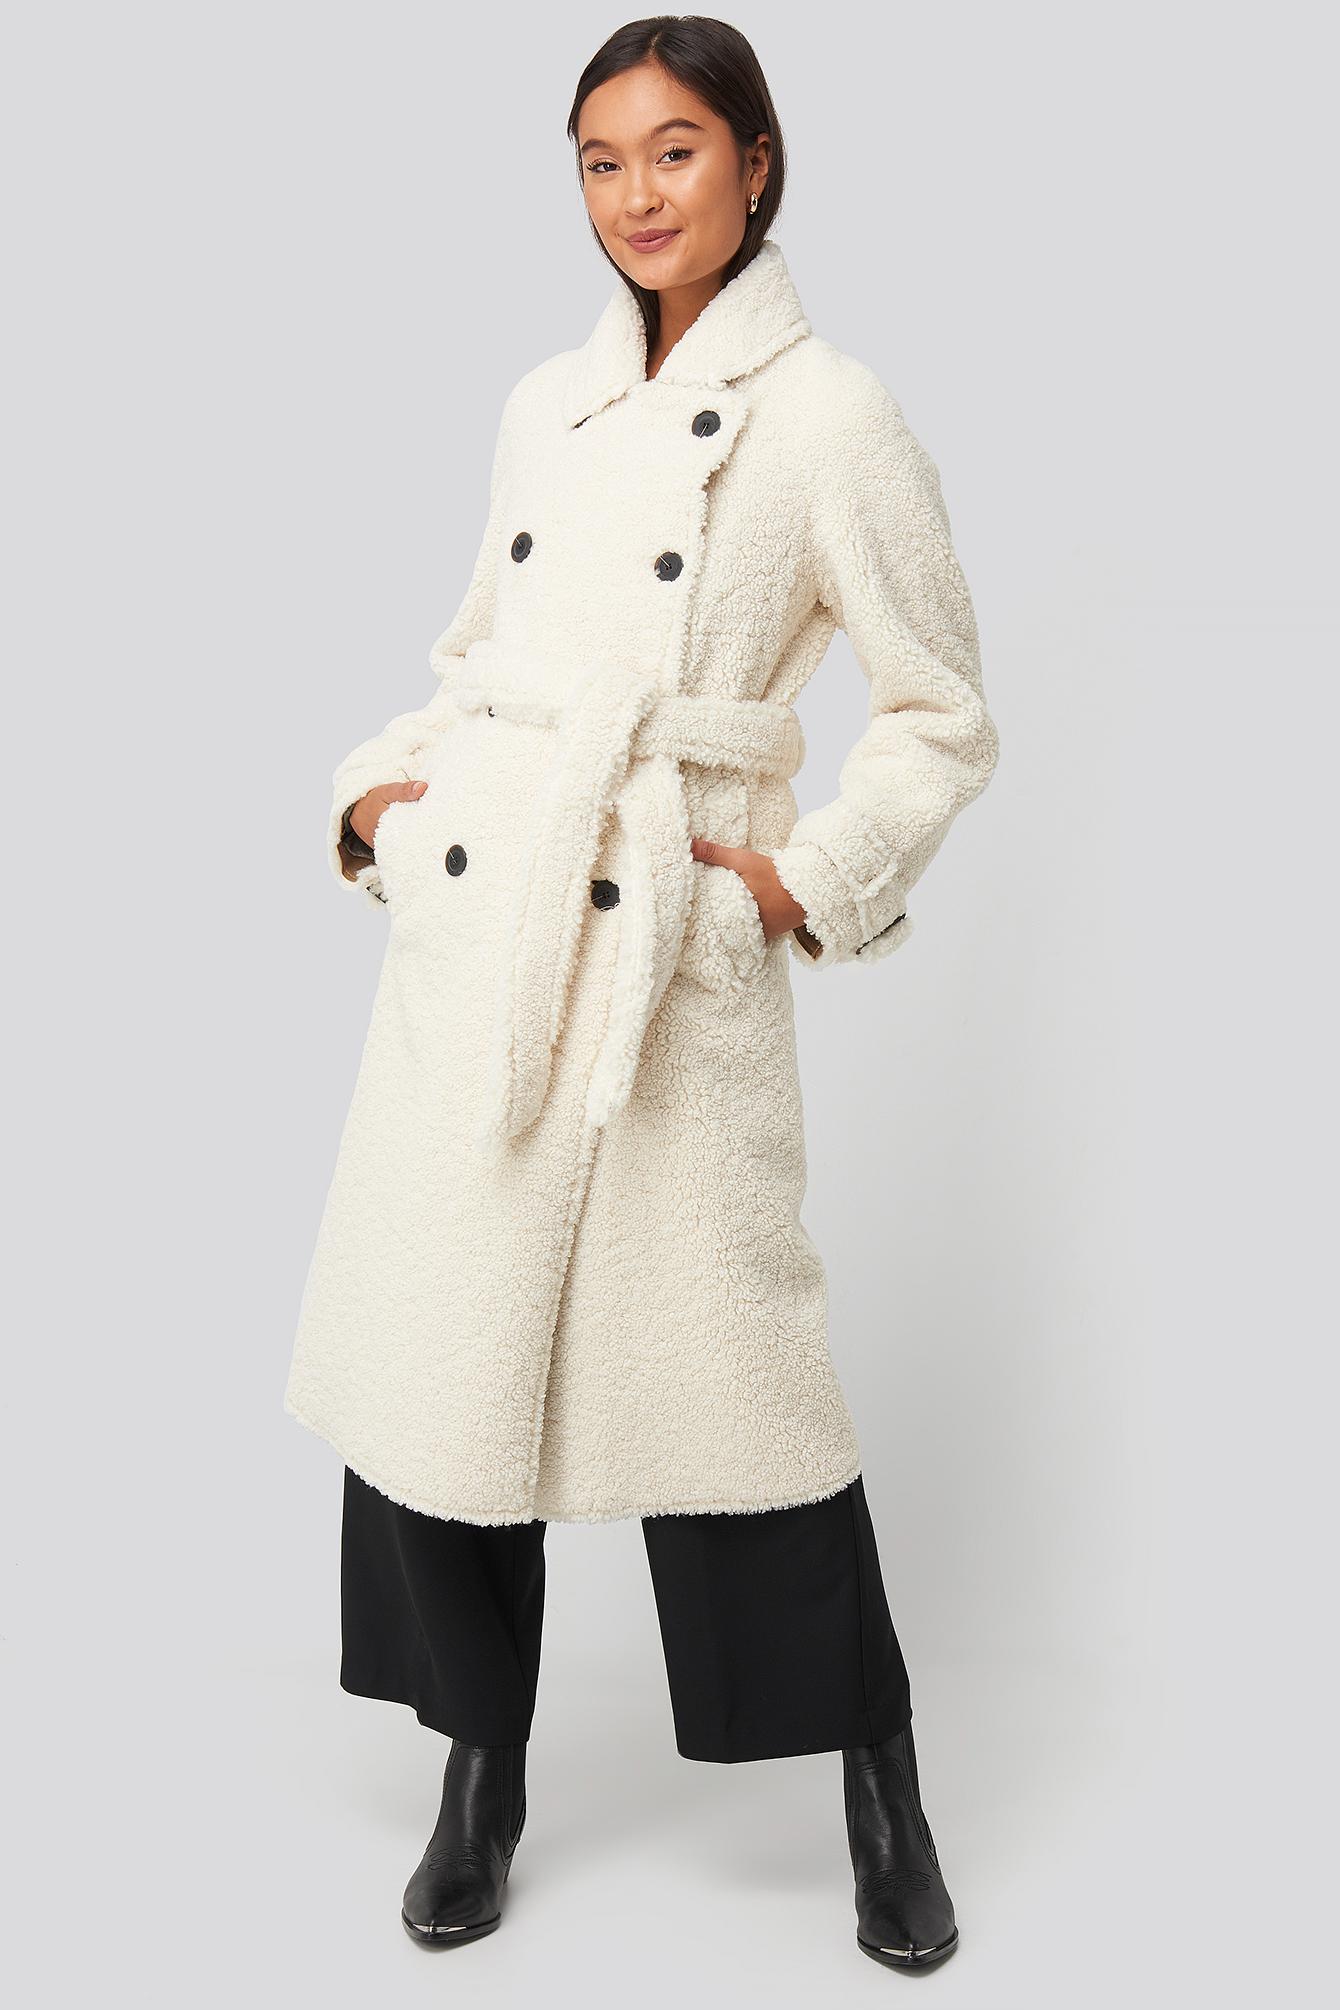 mango -  Fuzzy Coat - Beige